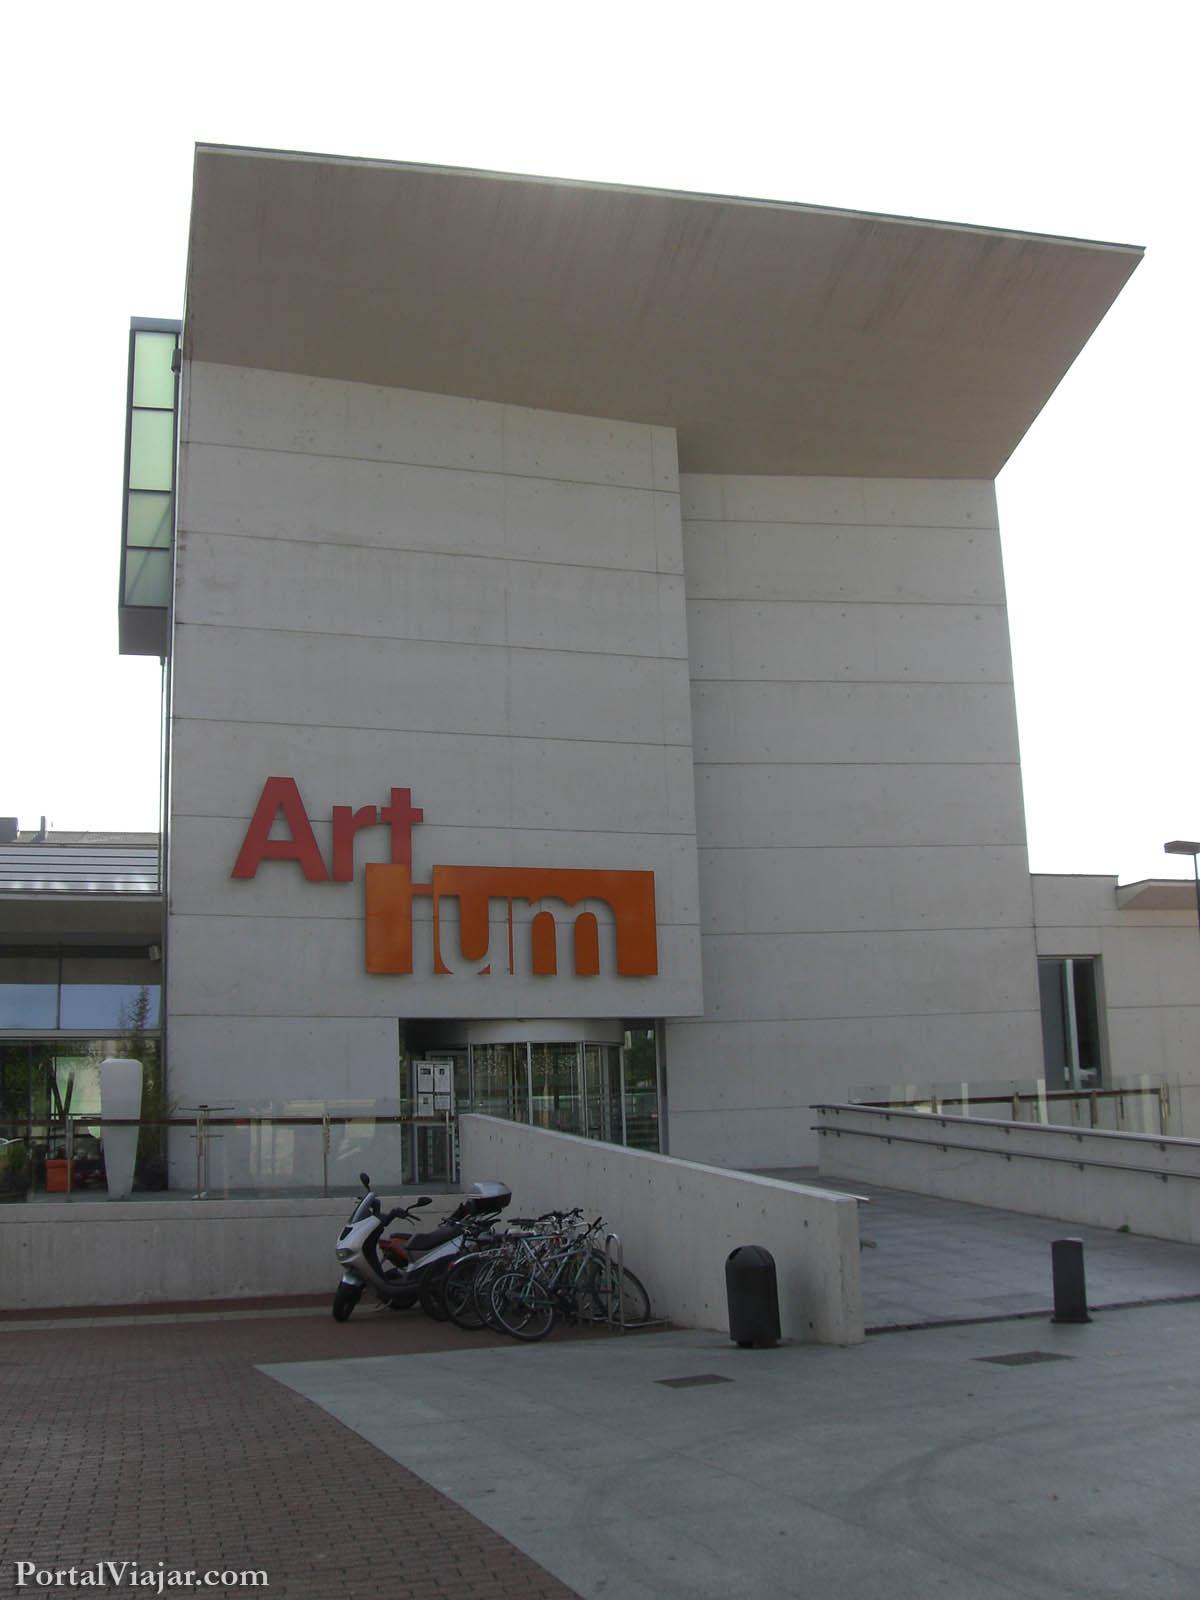 ARTIUM Museo Vasco de Arte Contemporáneo Vitoria Gasteiz